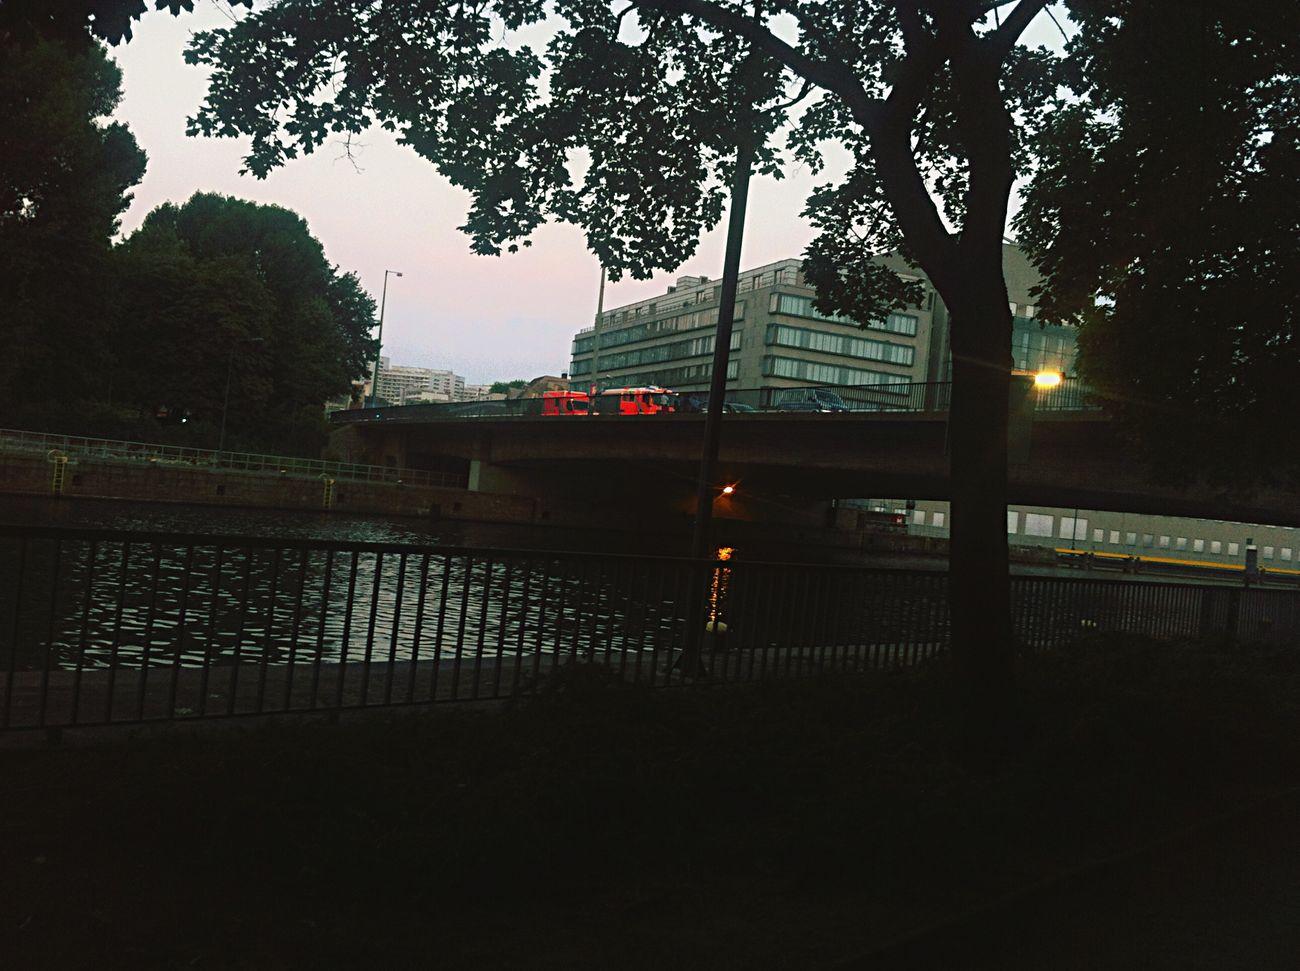 Gerade auf der Mühlendamm -Brücke/ Schleuse Mühlendamm beobachtet, wie Jemand über die Reeling der Brücke klettert, und ins Wasser springen wollte!!! - Polizei & Feuerwehr alamiert!!!